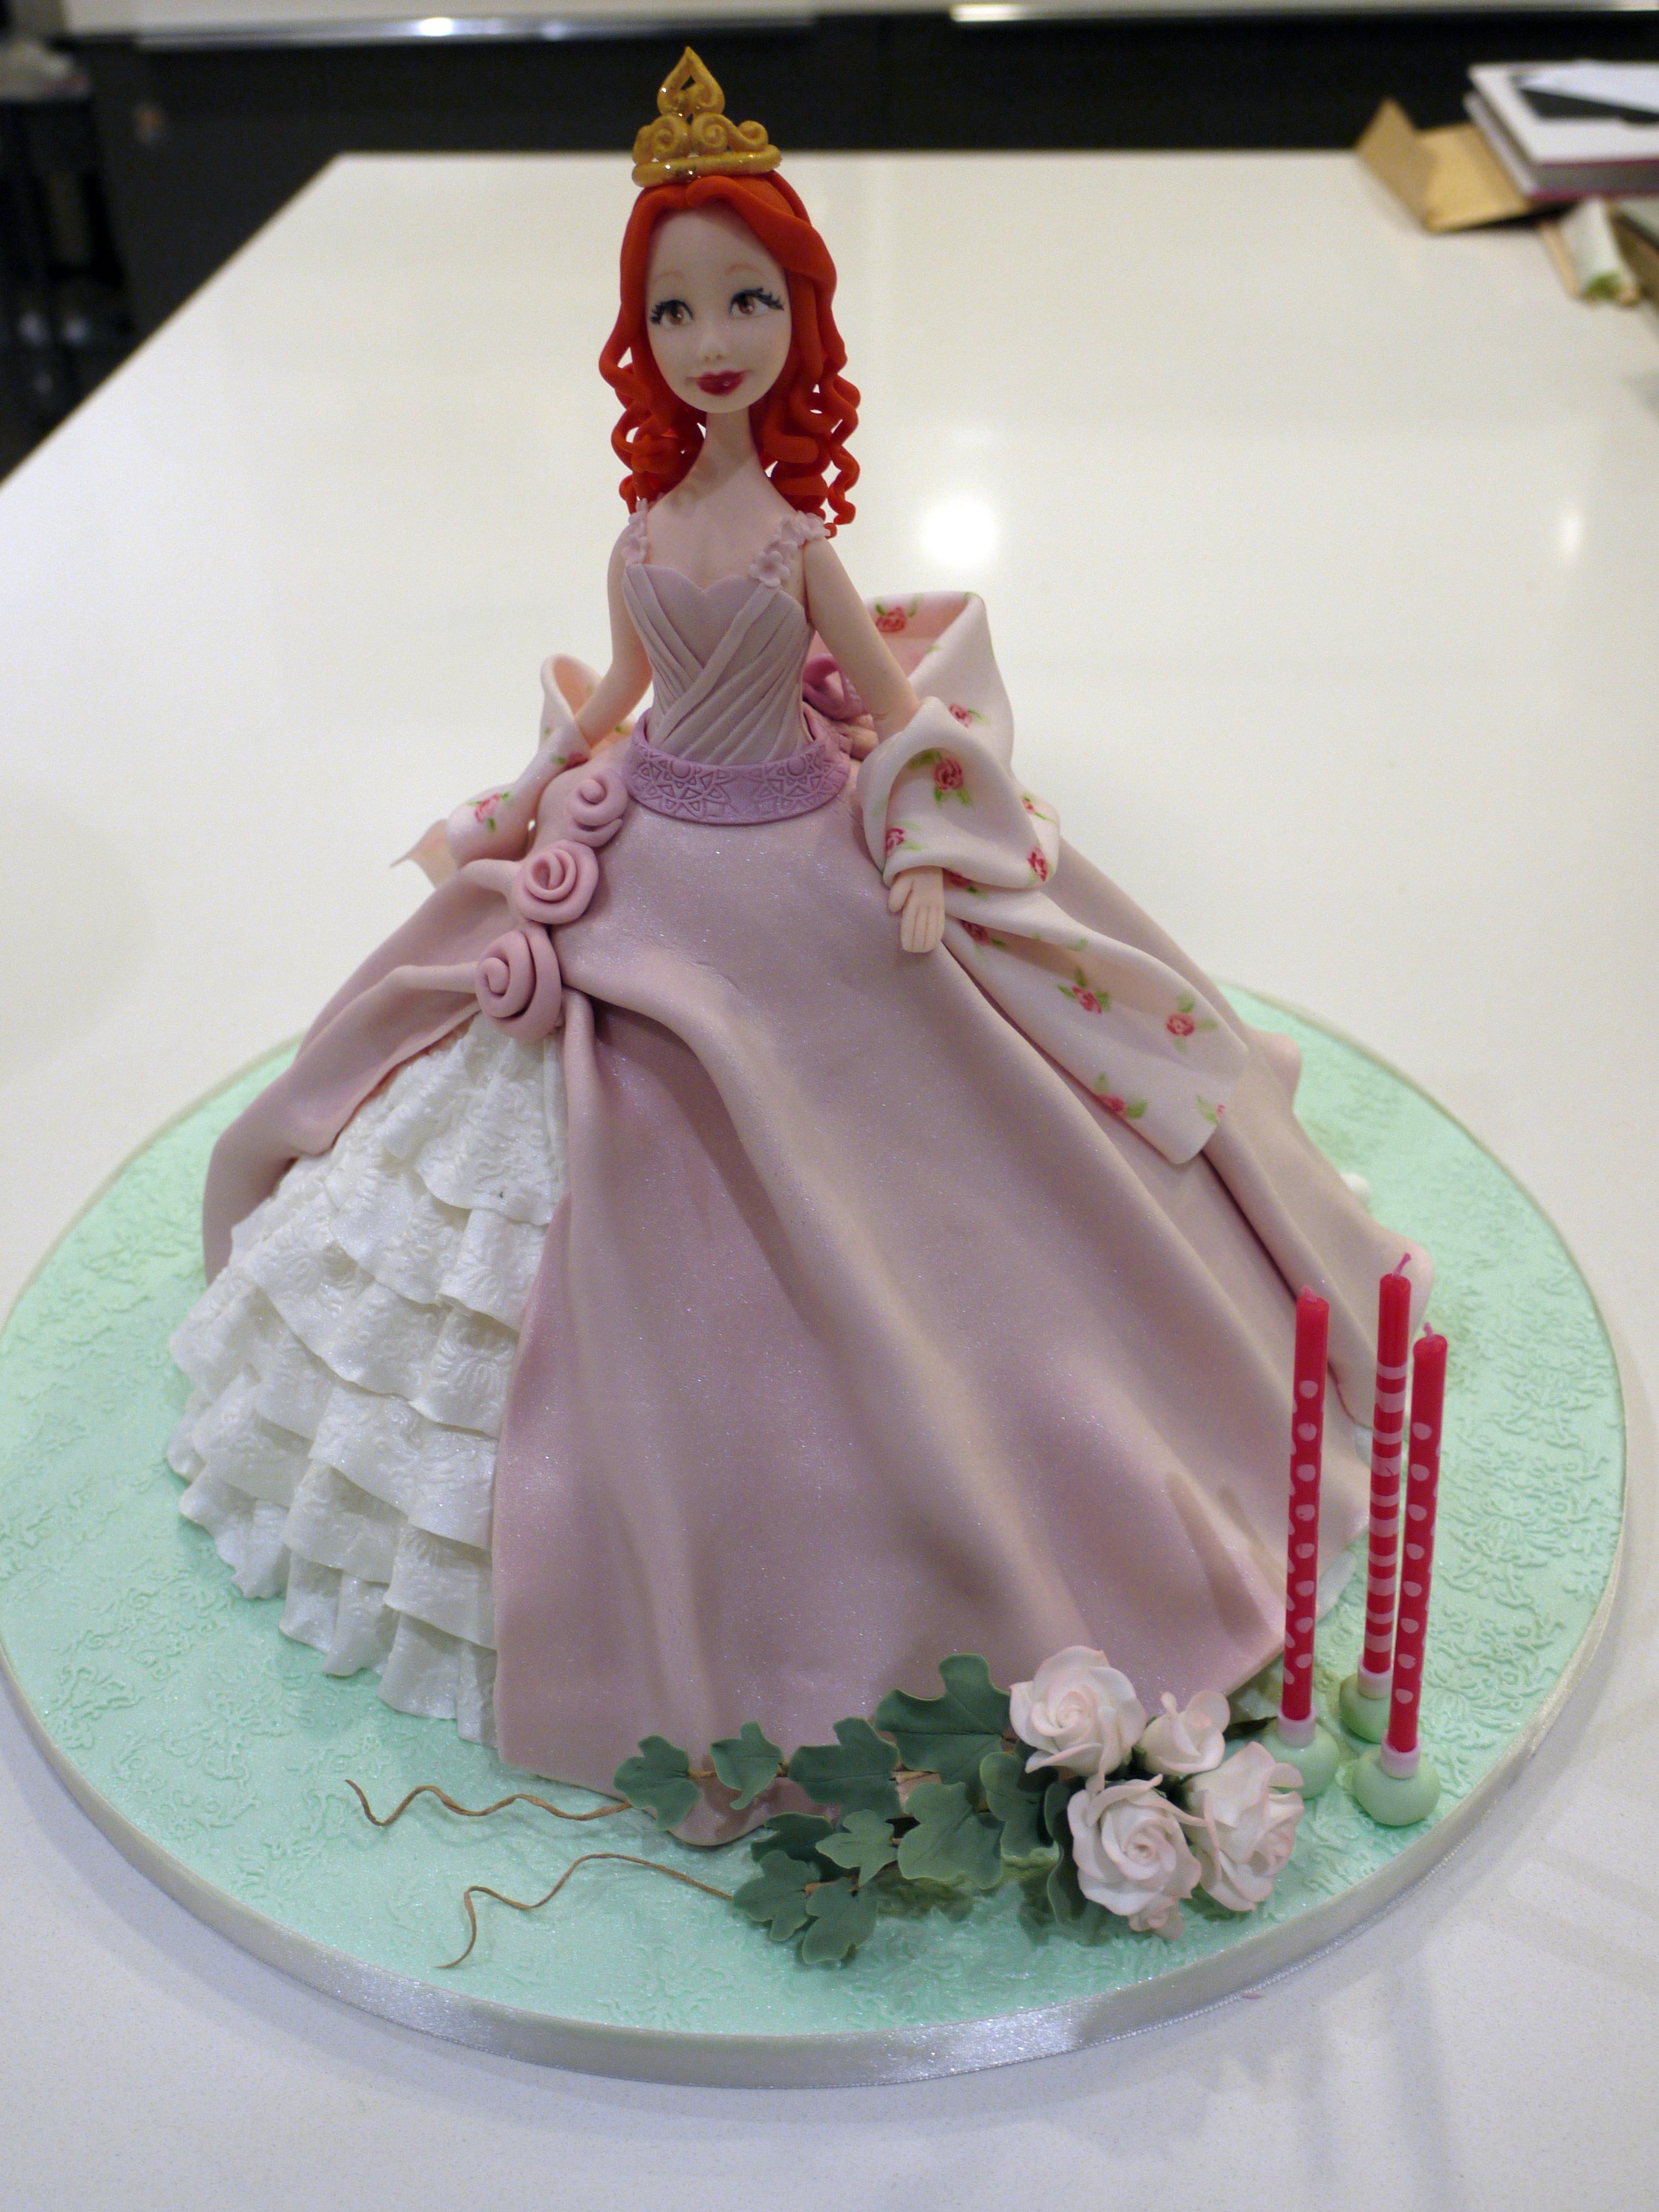 Princess Cake - CakeCentral.com